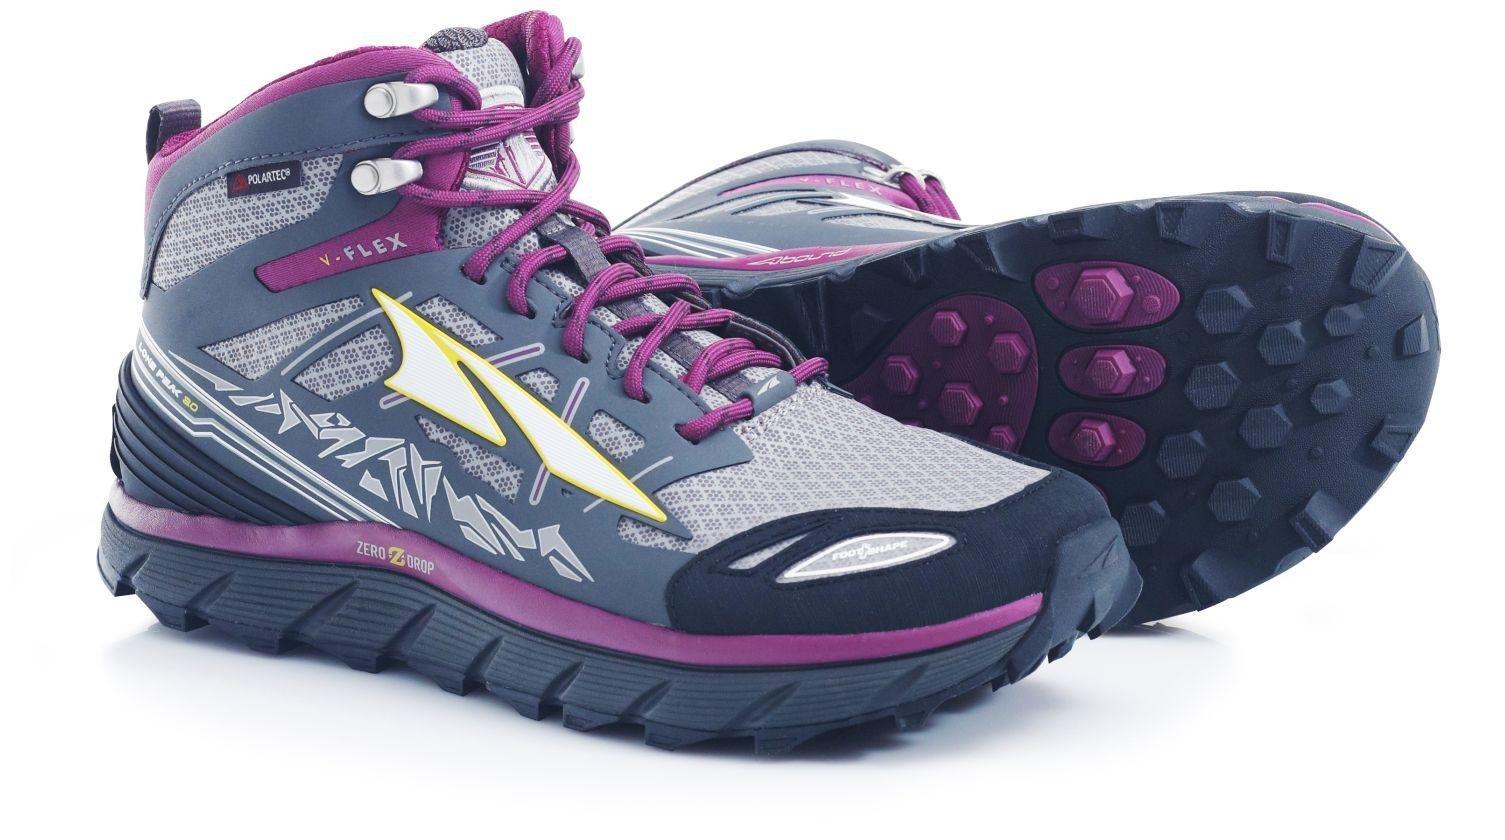 Altra Lone Peak 3.0 Mid Neo Shoe - Women's Gray/Purple 7.5